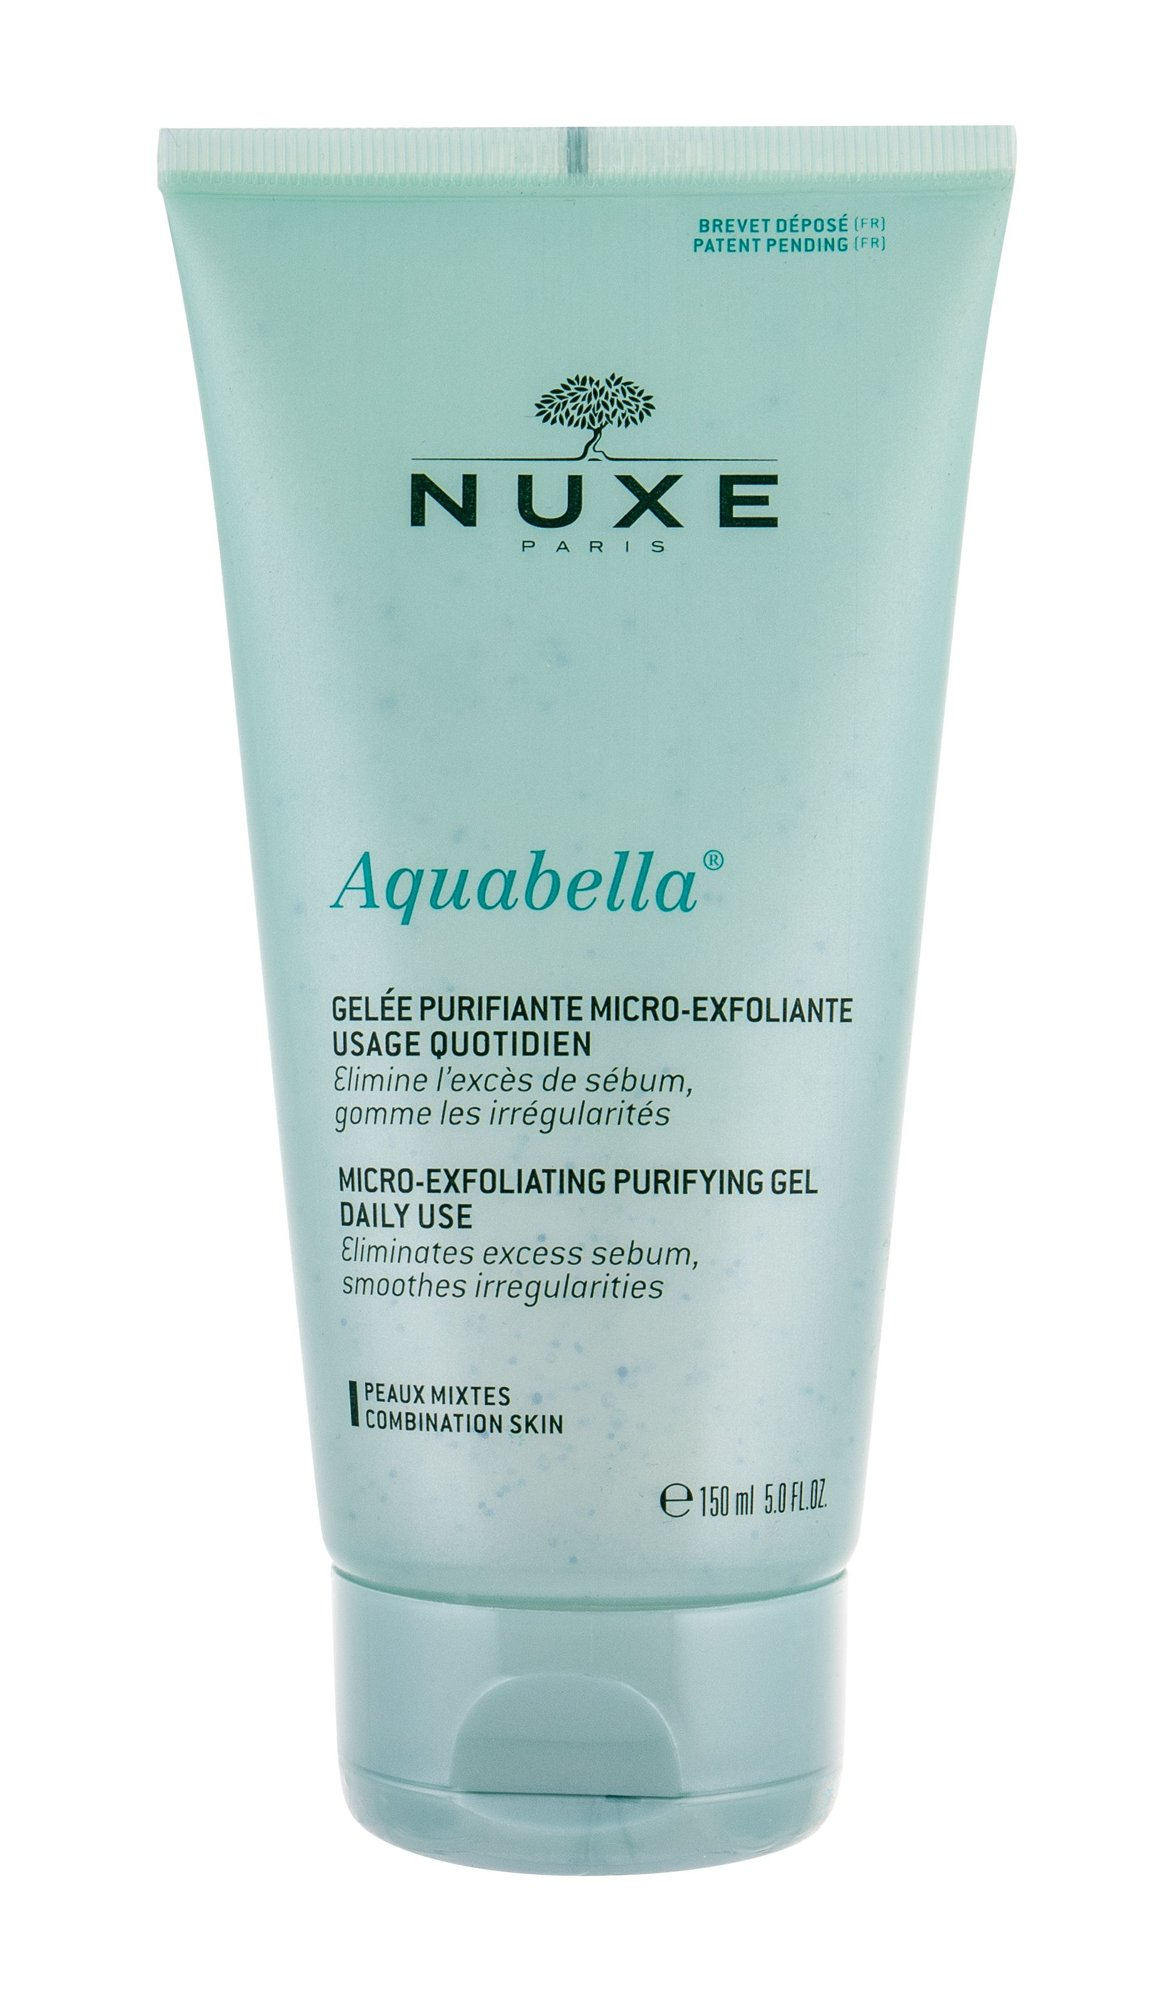 NUXE Aquabella Cleansing Gel 150ml